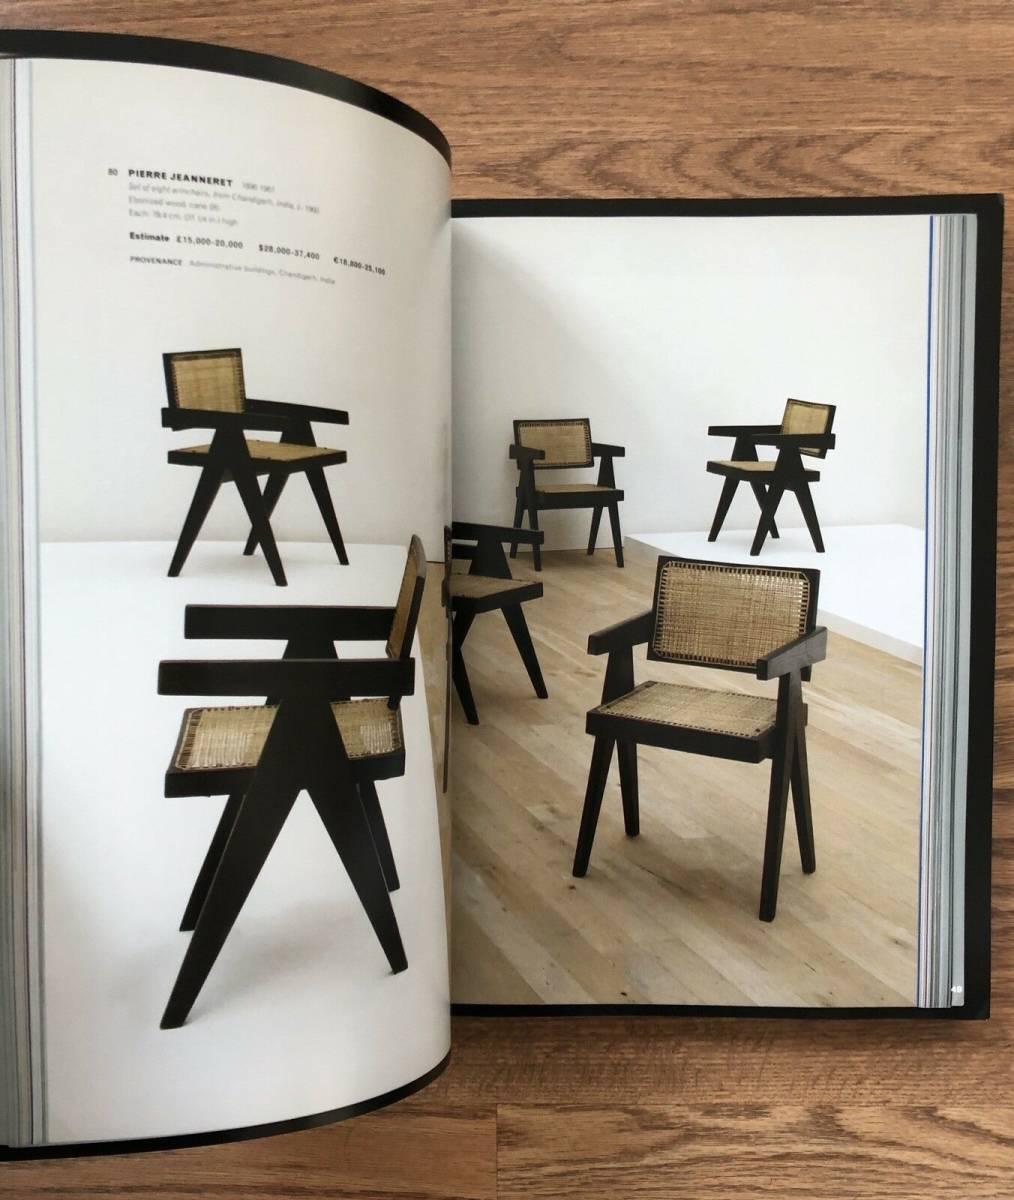 スーパーレア Pierre Jeanneret 'CATALOGUE' 書籍 ペリアン プルーヴェ コルビジェ cassina 柳宗理 イームズ ジャンヌレ_画像4